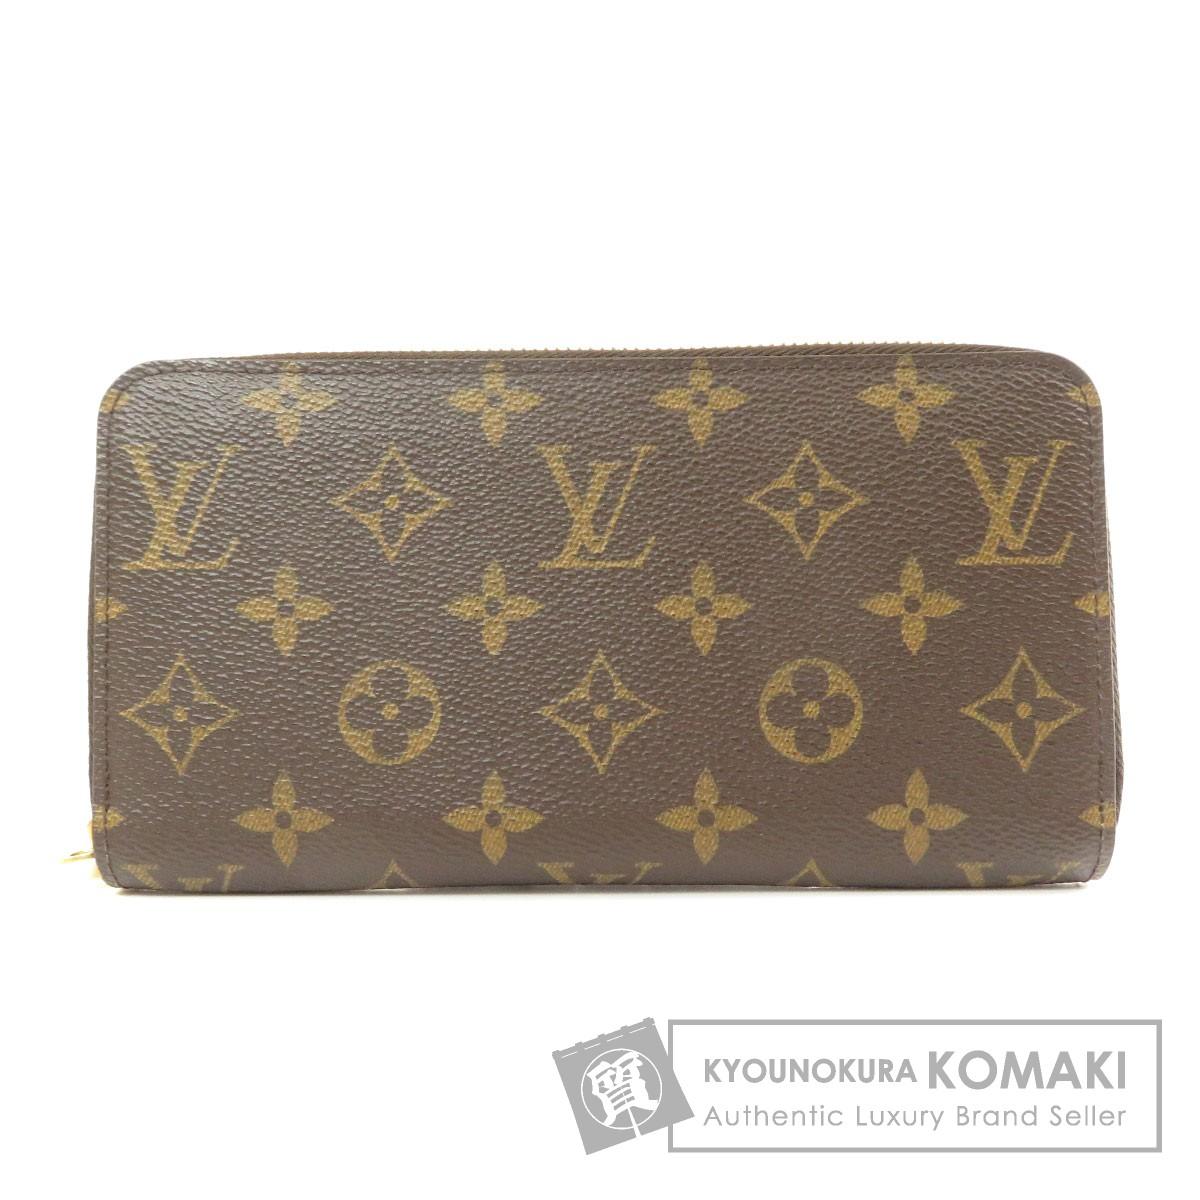 ルイヴィトン M42616 ジッピー・ウォレット 新型 長財布(小銭入れあり) モノグラムキャンバス ユニセックス 【中古】【LOUIS VUITTON】